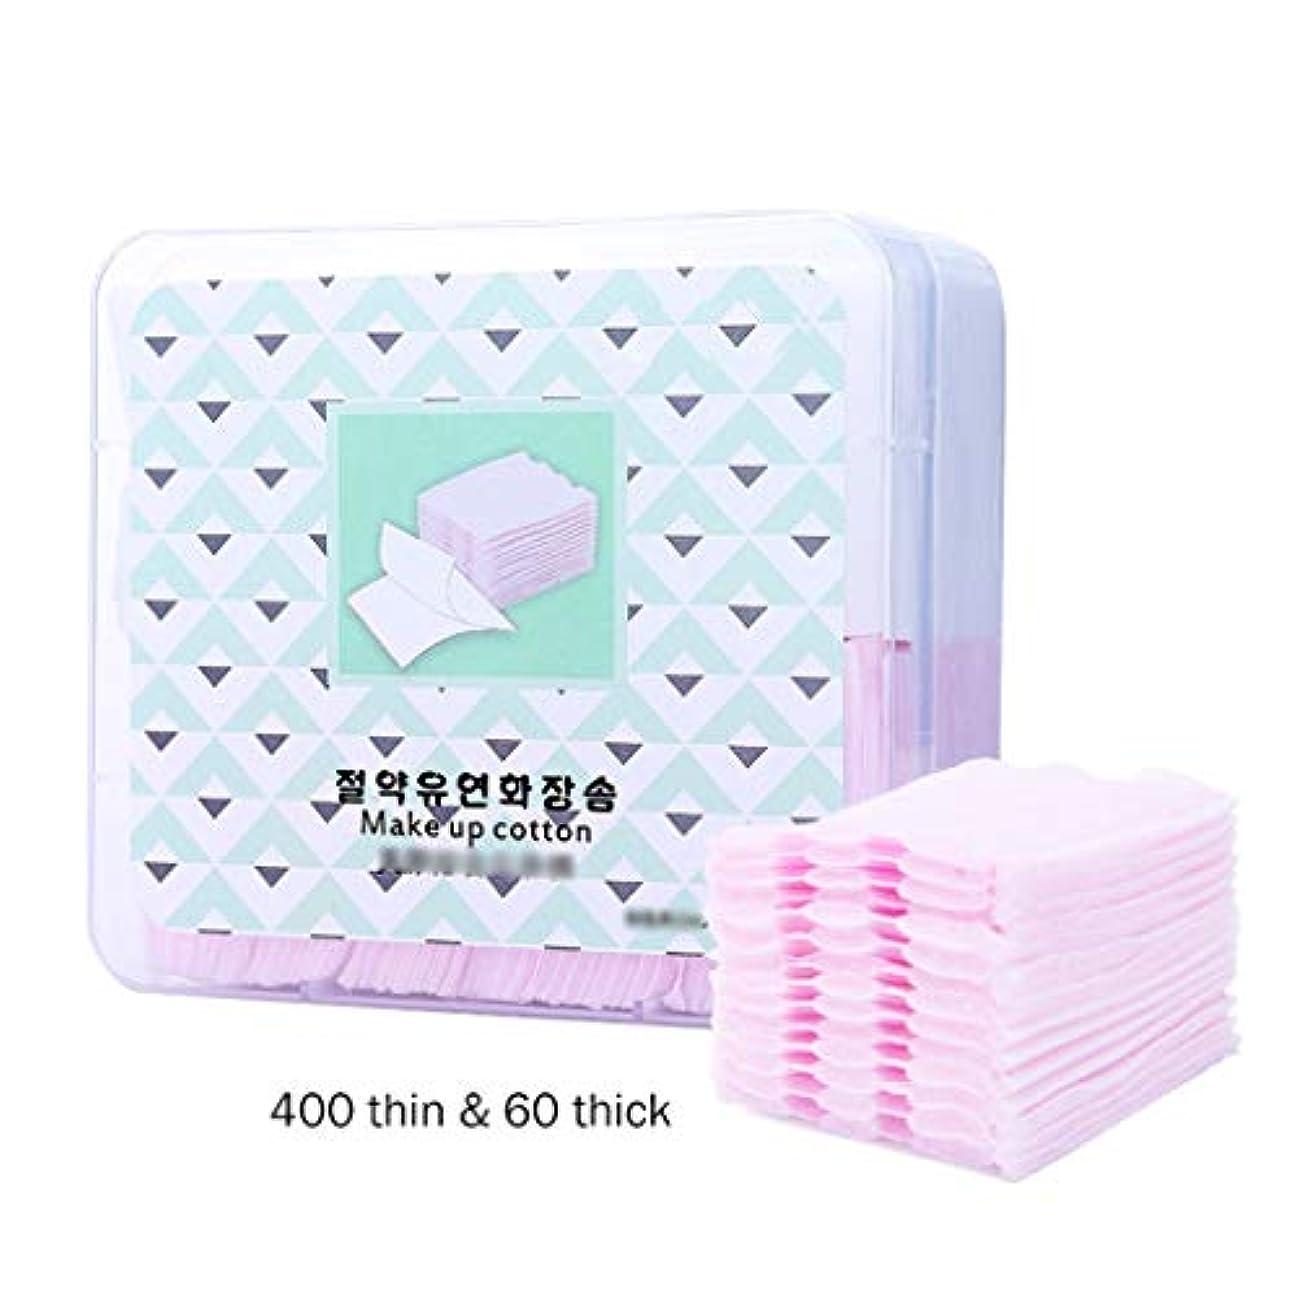 十億衝撃塊クレンジングシート 460ピース化粧コットンパッド再利用可能な有機ネイルコットンワイプフェイシャルティッシュメイクアップリムーバーワイプネイルナプキンホルダーボックス (Color : Pink+White)